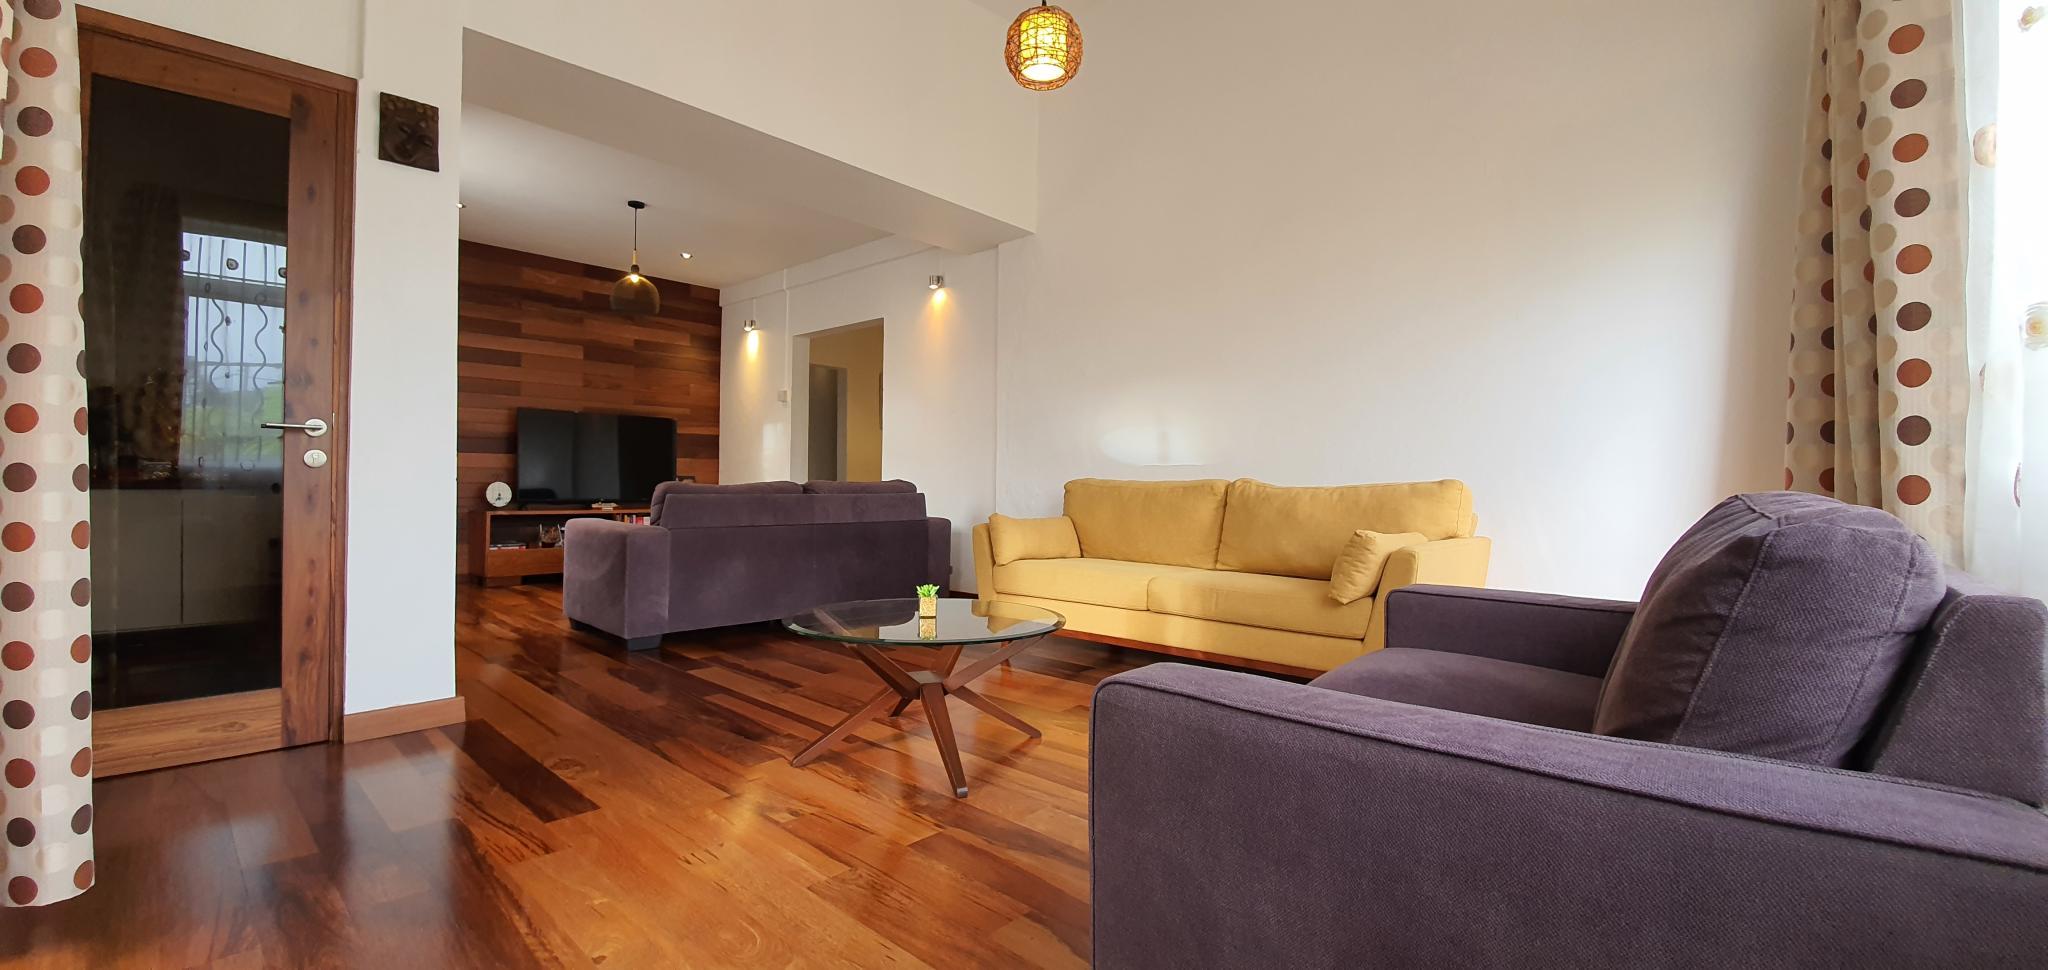 A VENDRE – Belle maison non meublée de 278 m² sur un terrain de 113 toises est située dans un quartier calme et résidentiel de Curepipe.